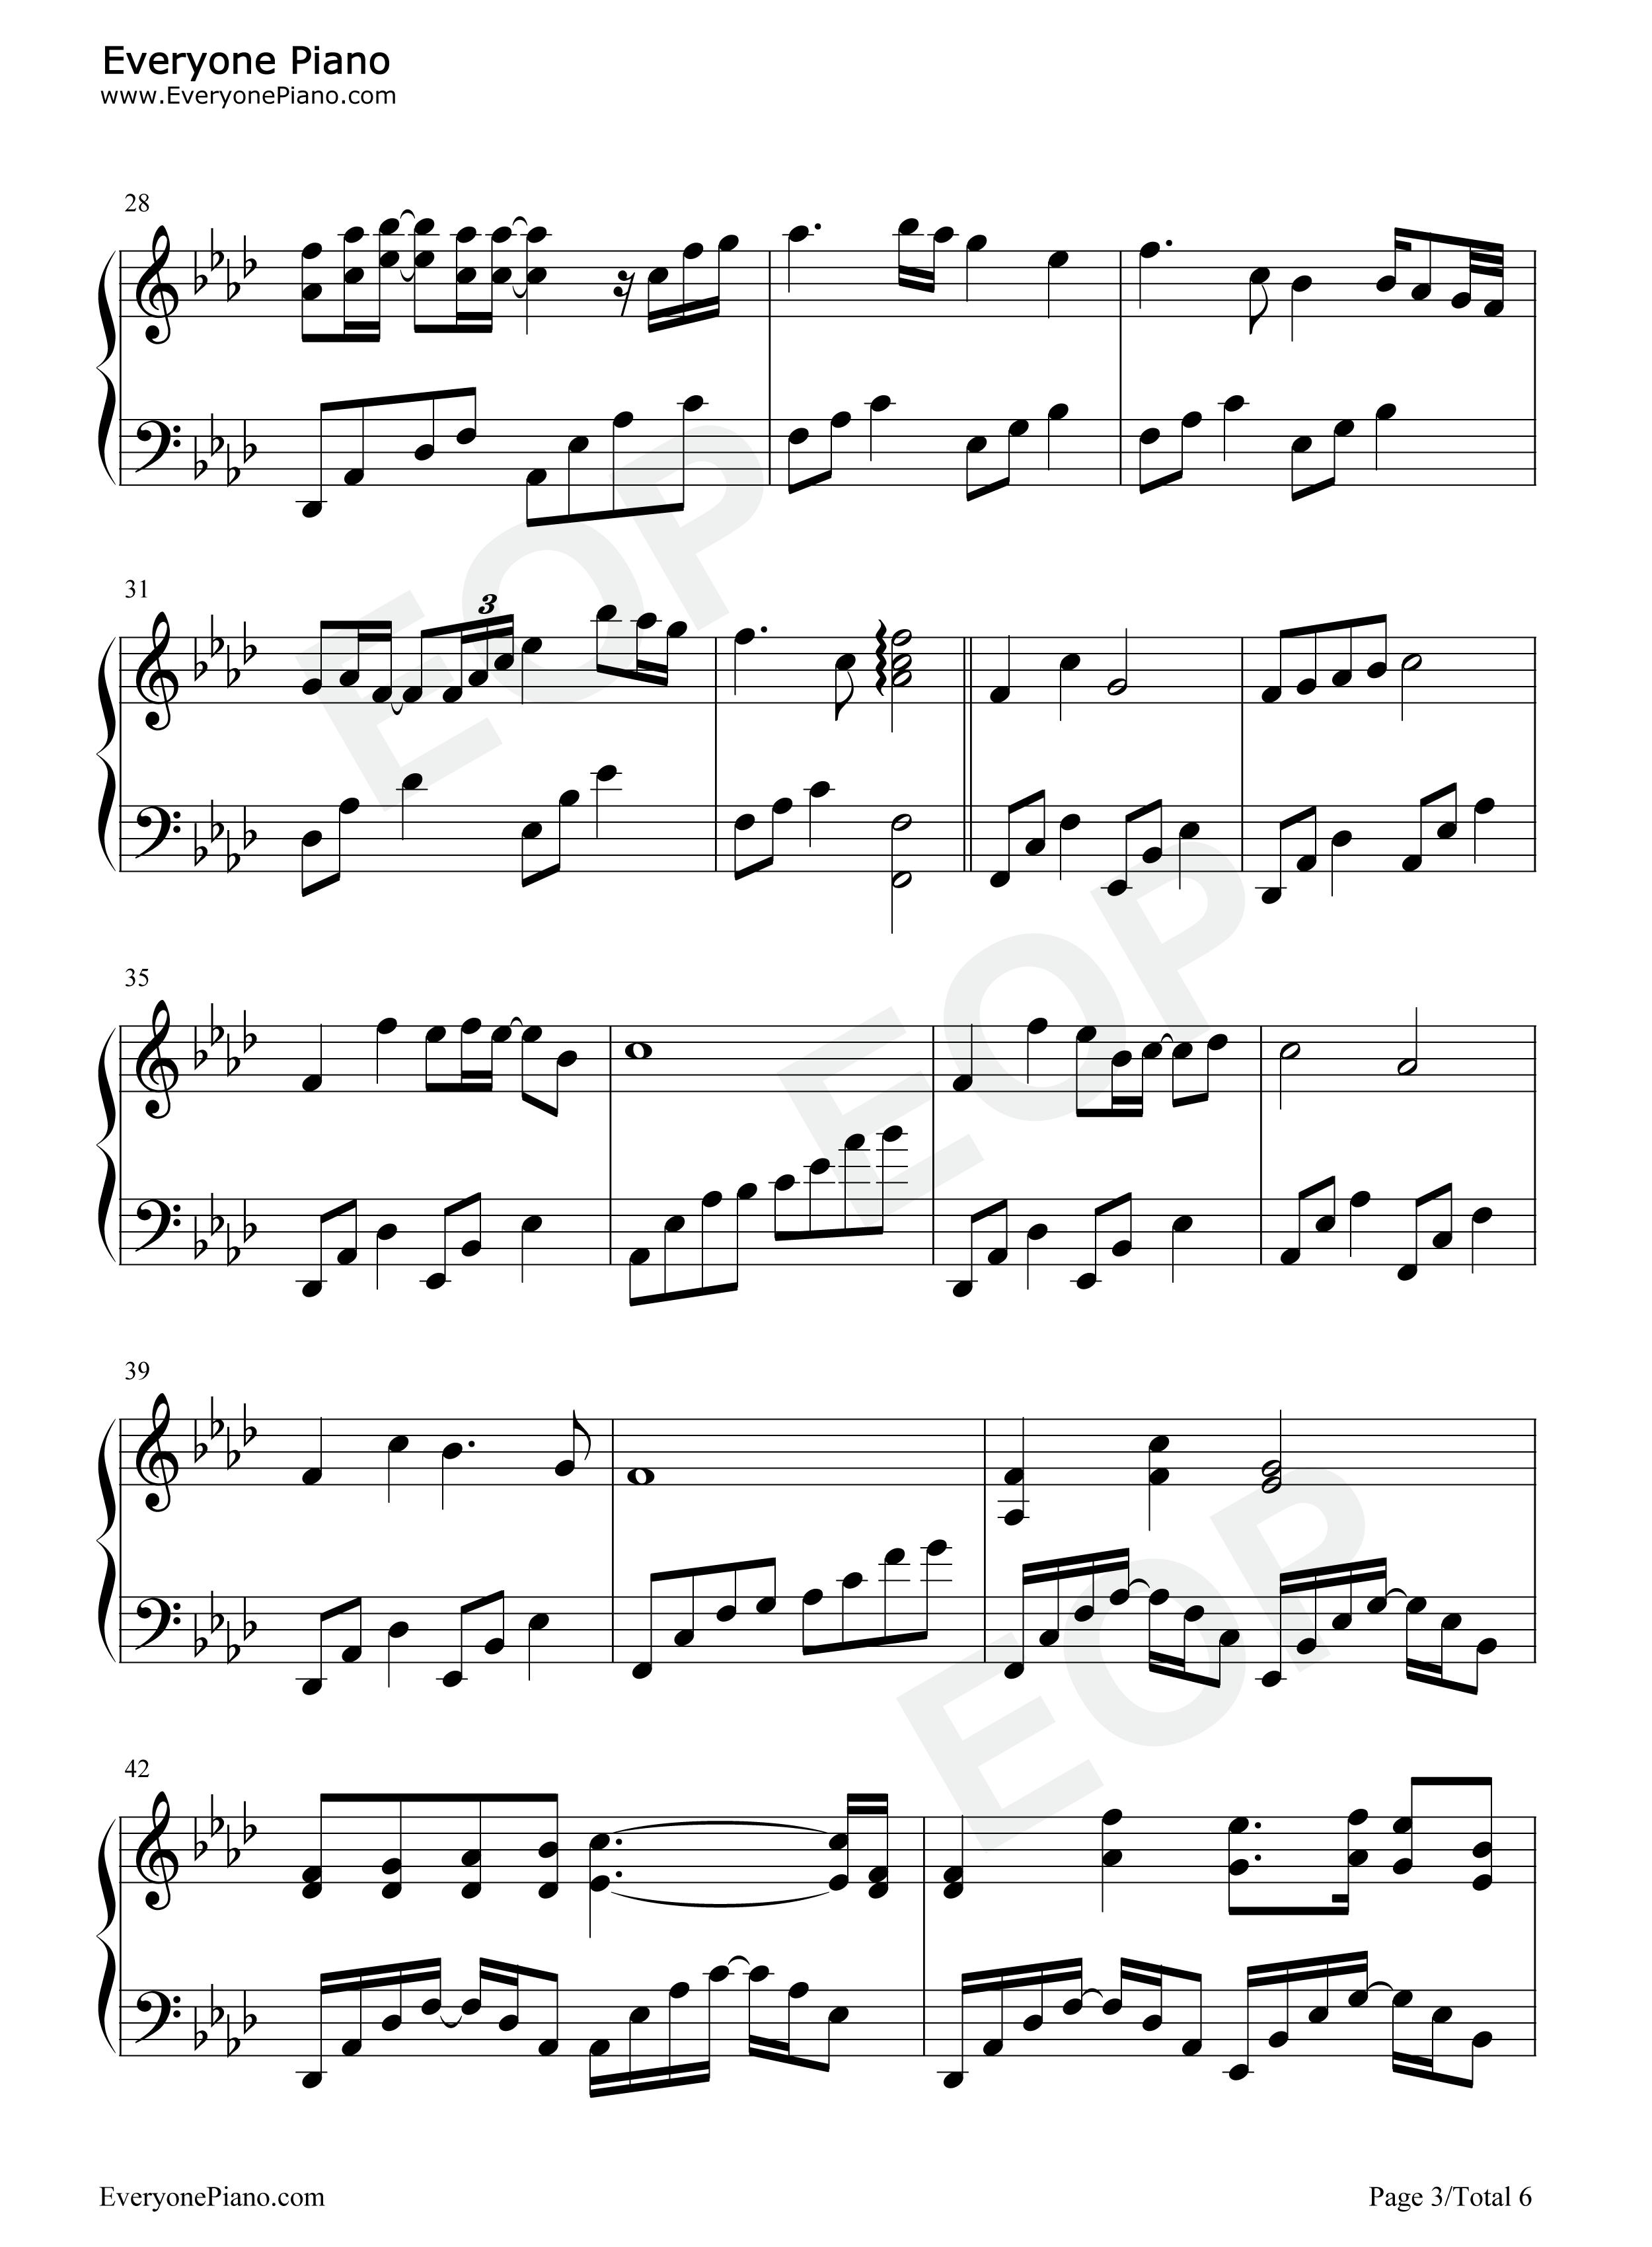 钢琴曲谱 流行 美丽的神话 美丽的神话五线谱预览3   仅供学习交流